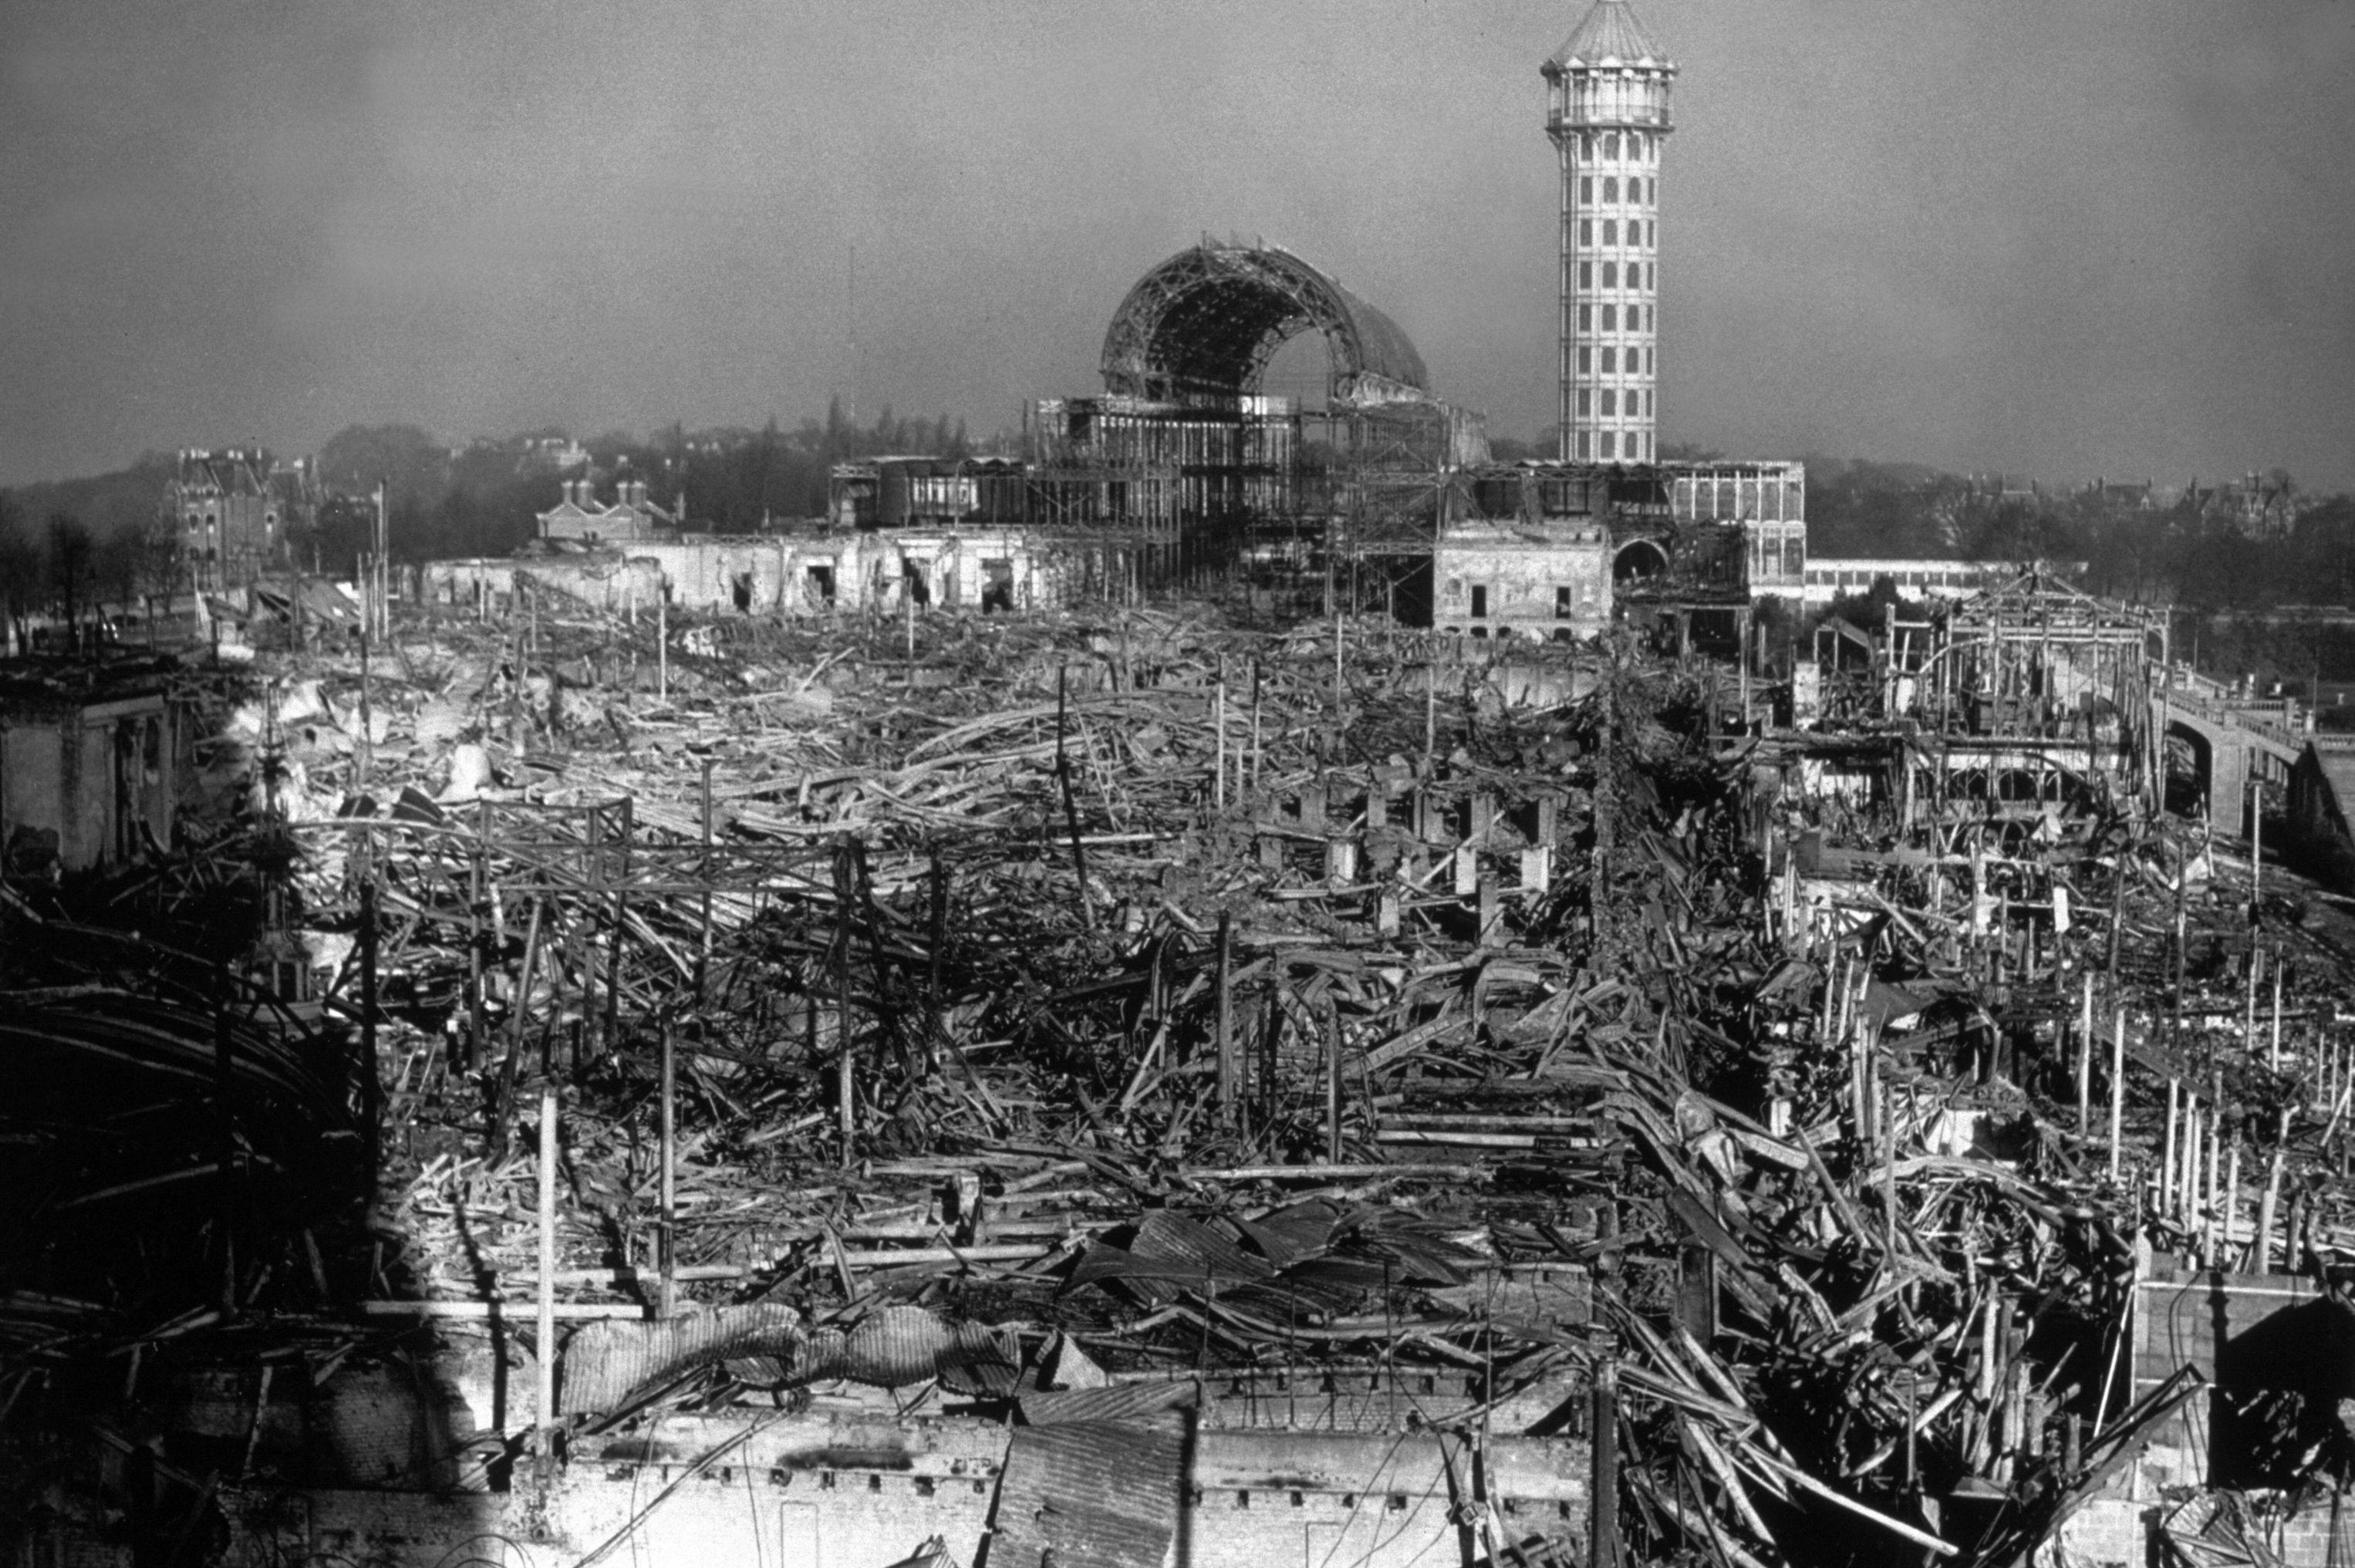 След 6-месечния период на изложението възниква необходимост да се намери ново приложение на ефектната сграда. Ето защо тя е демонтирана и преместена в Южен Лондон.На 30 ноември 1936 г. сградата е обхваната отпожари изгаря напълно. Тя не може да бъде възстановена, тъй като се оказва, че не е застрахована за пълната ѝ стойност и застраховката не може да покрие дори частично възстановяването.